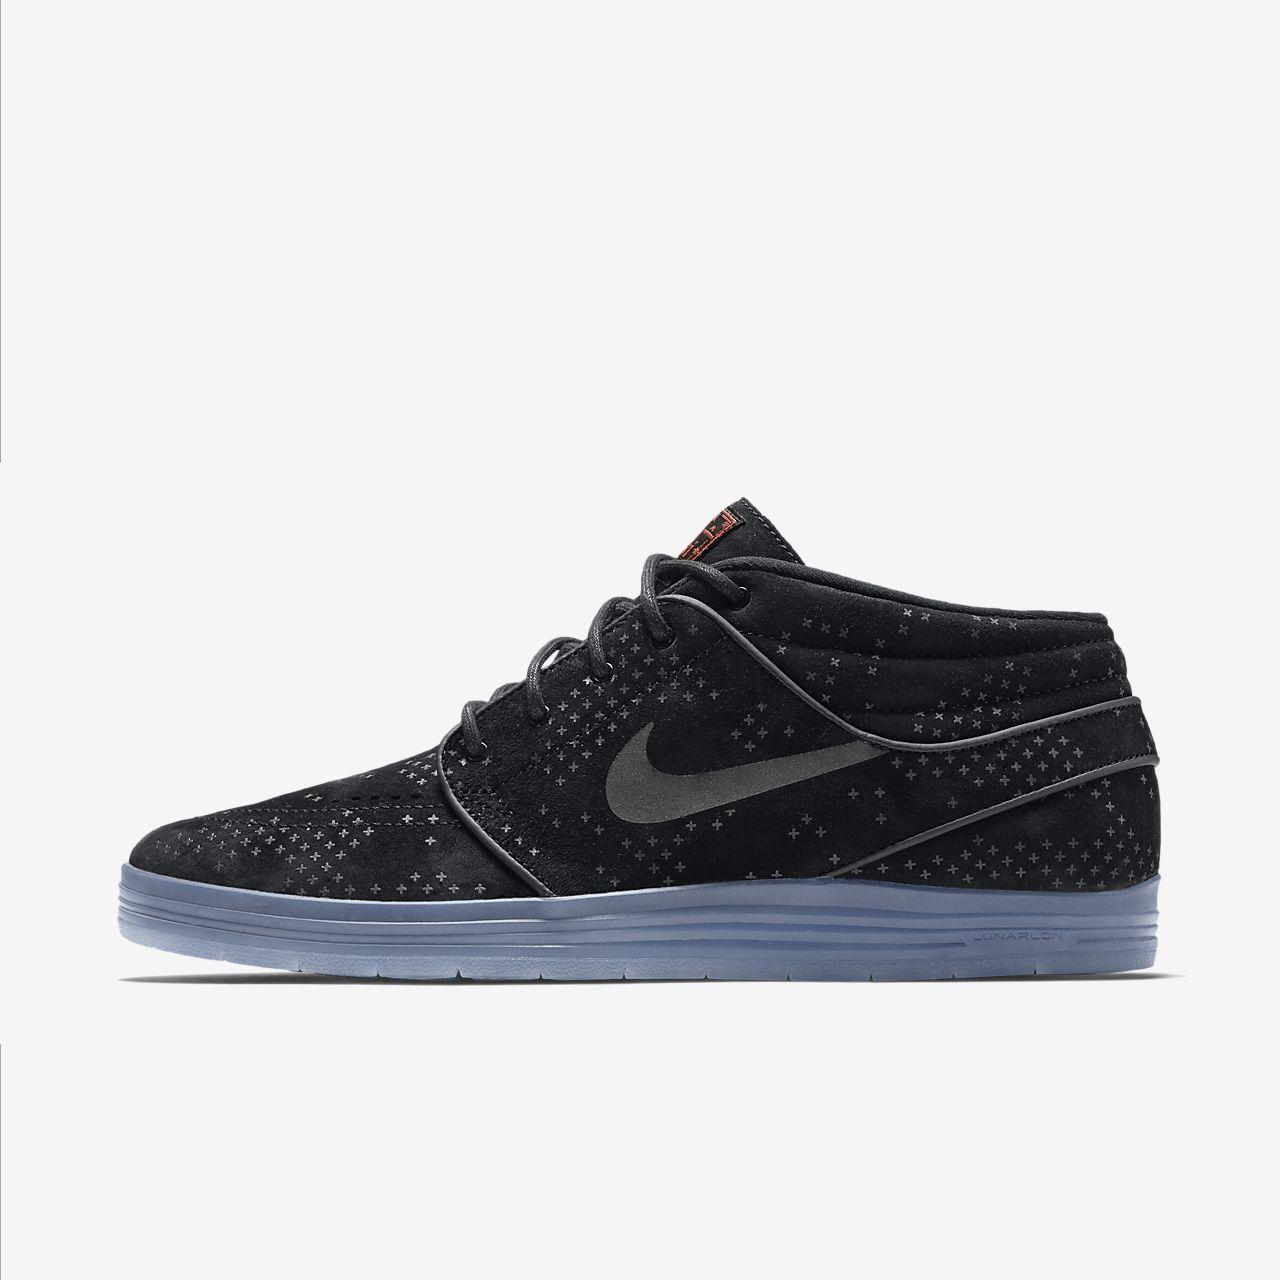 Nike Lunar Stefan Janoski Mid Flash 男子运动鞋